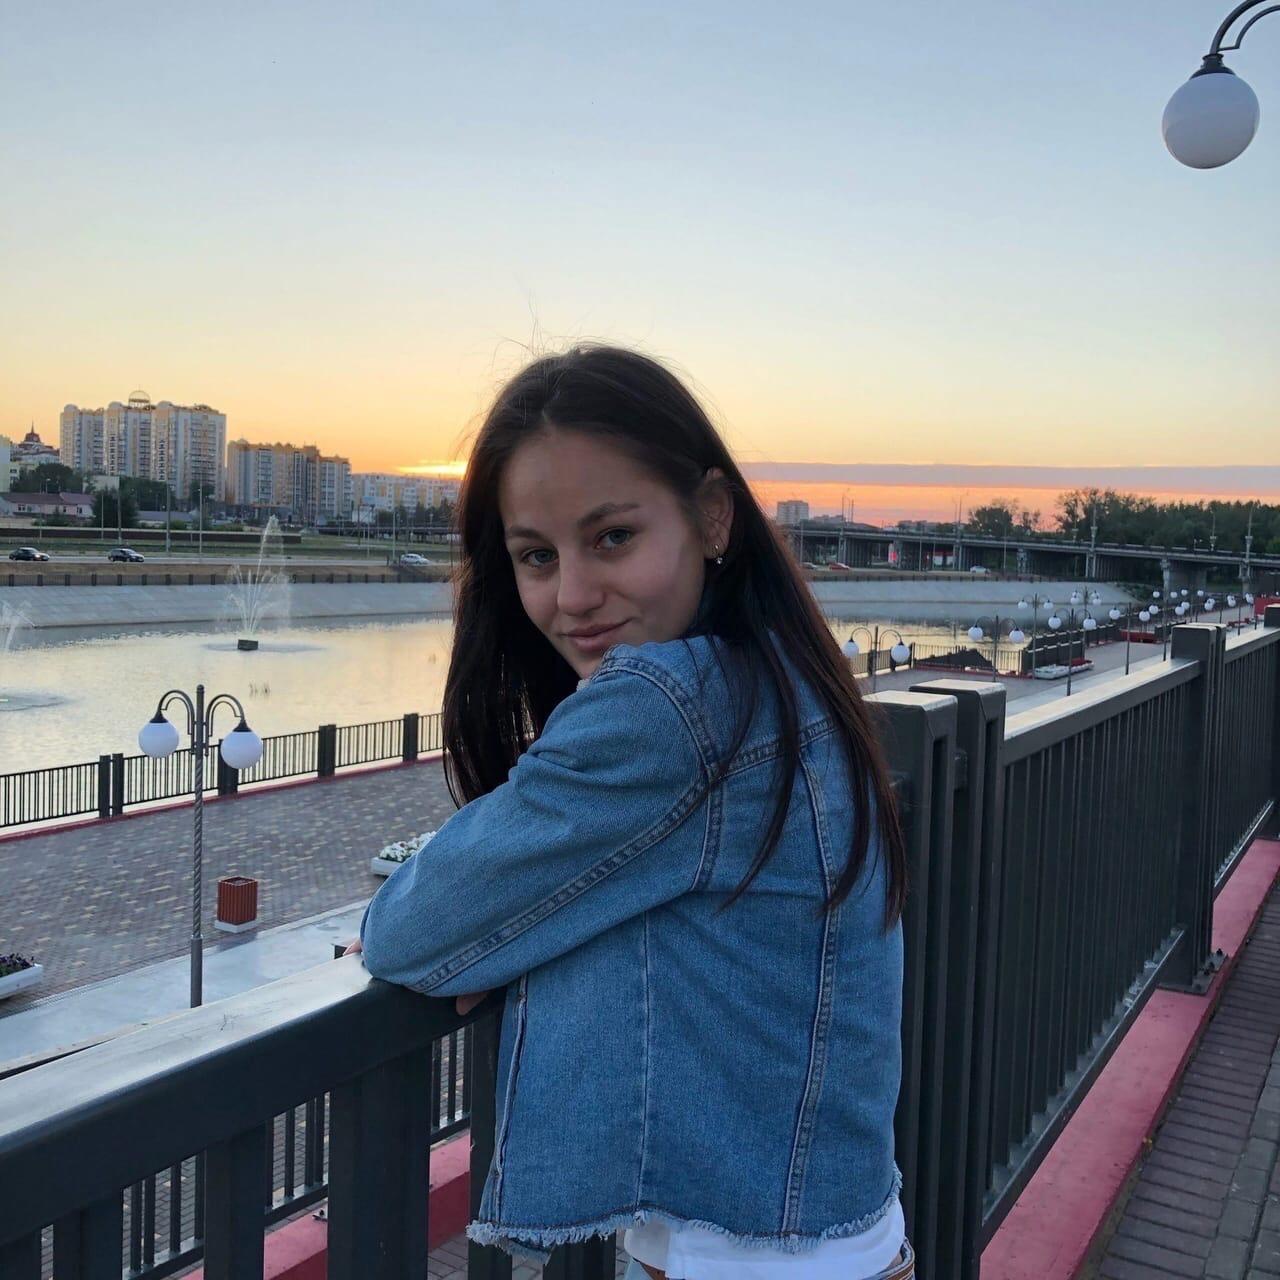 Можгинская спортсменка [id135958746 Эльвира Хасанова] дисквалифицирована на турнире